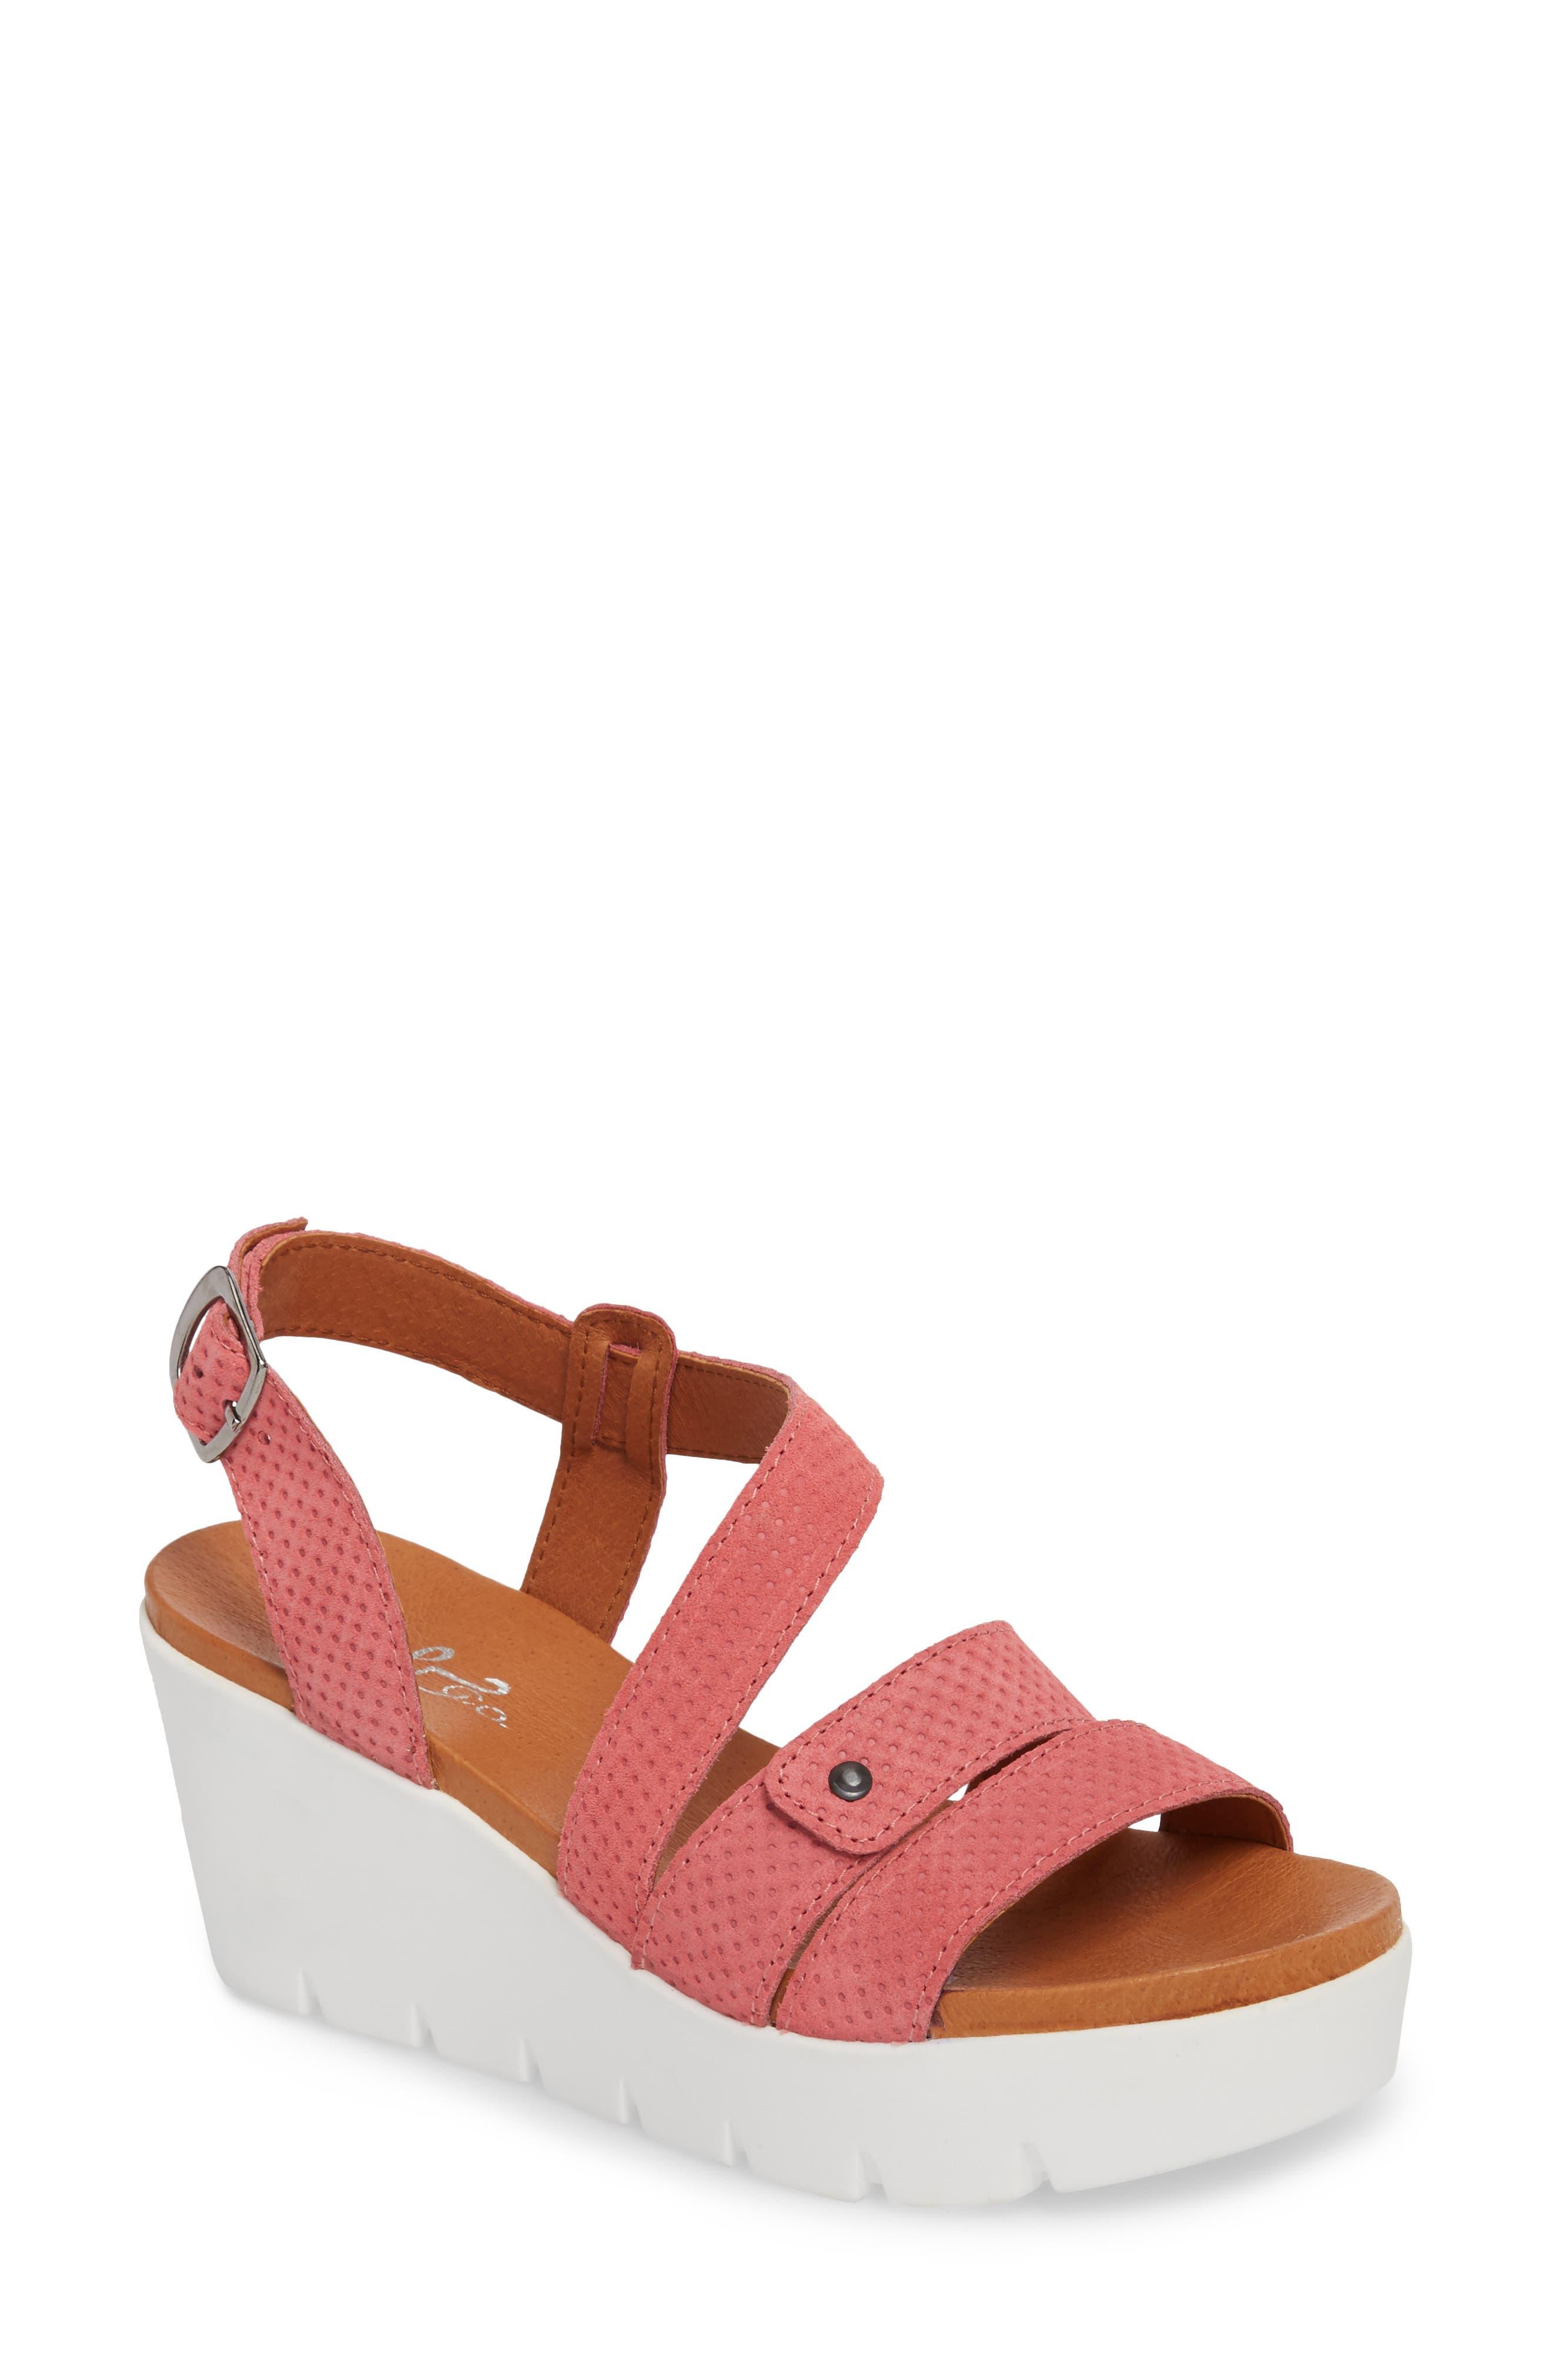 Bos. & Co. Sierra Platform Wedge Sandal, Pink